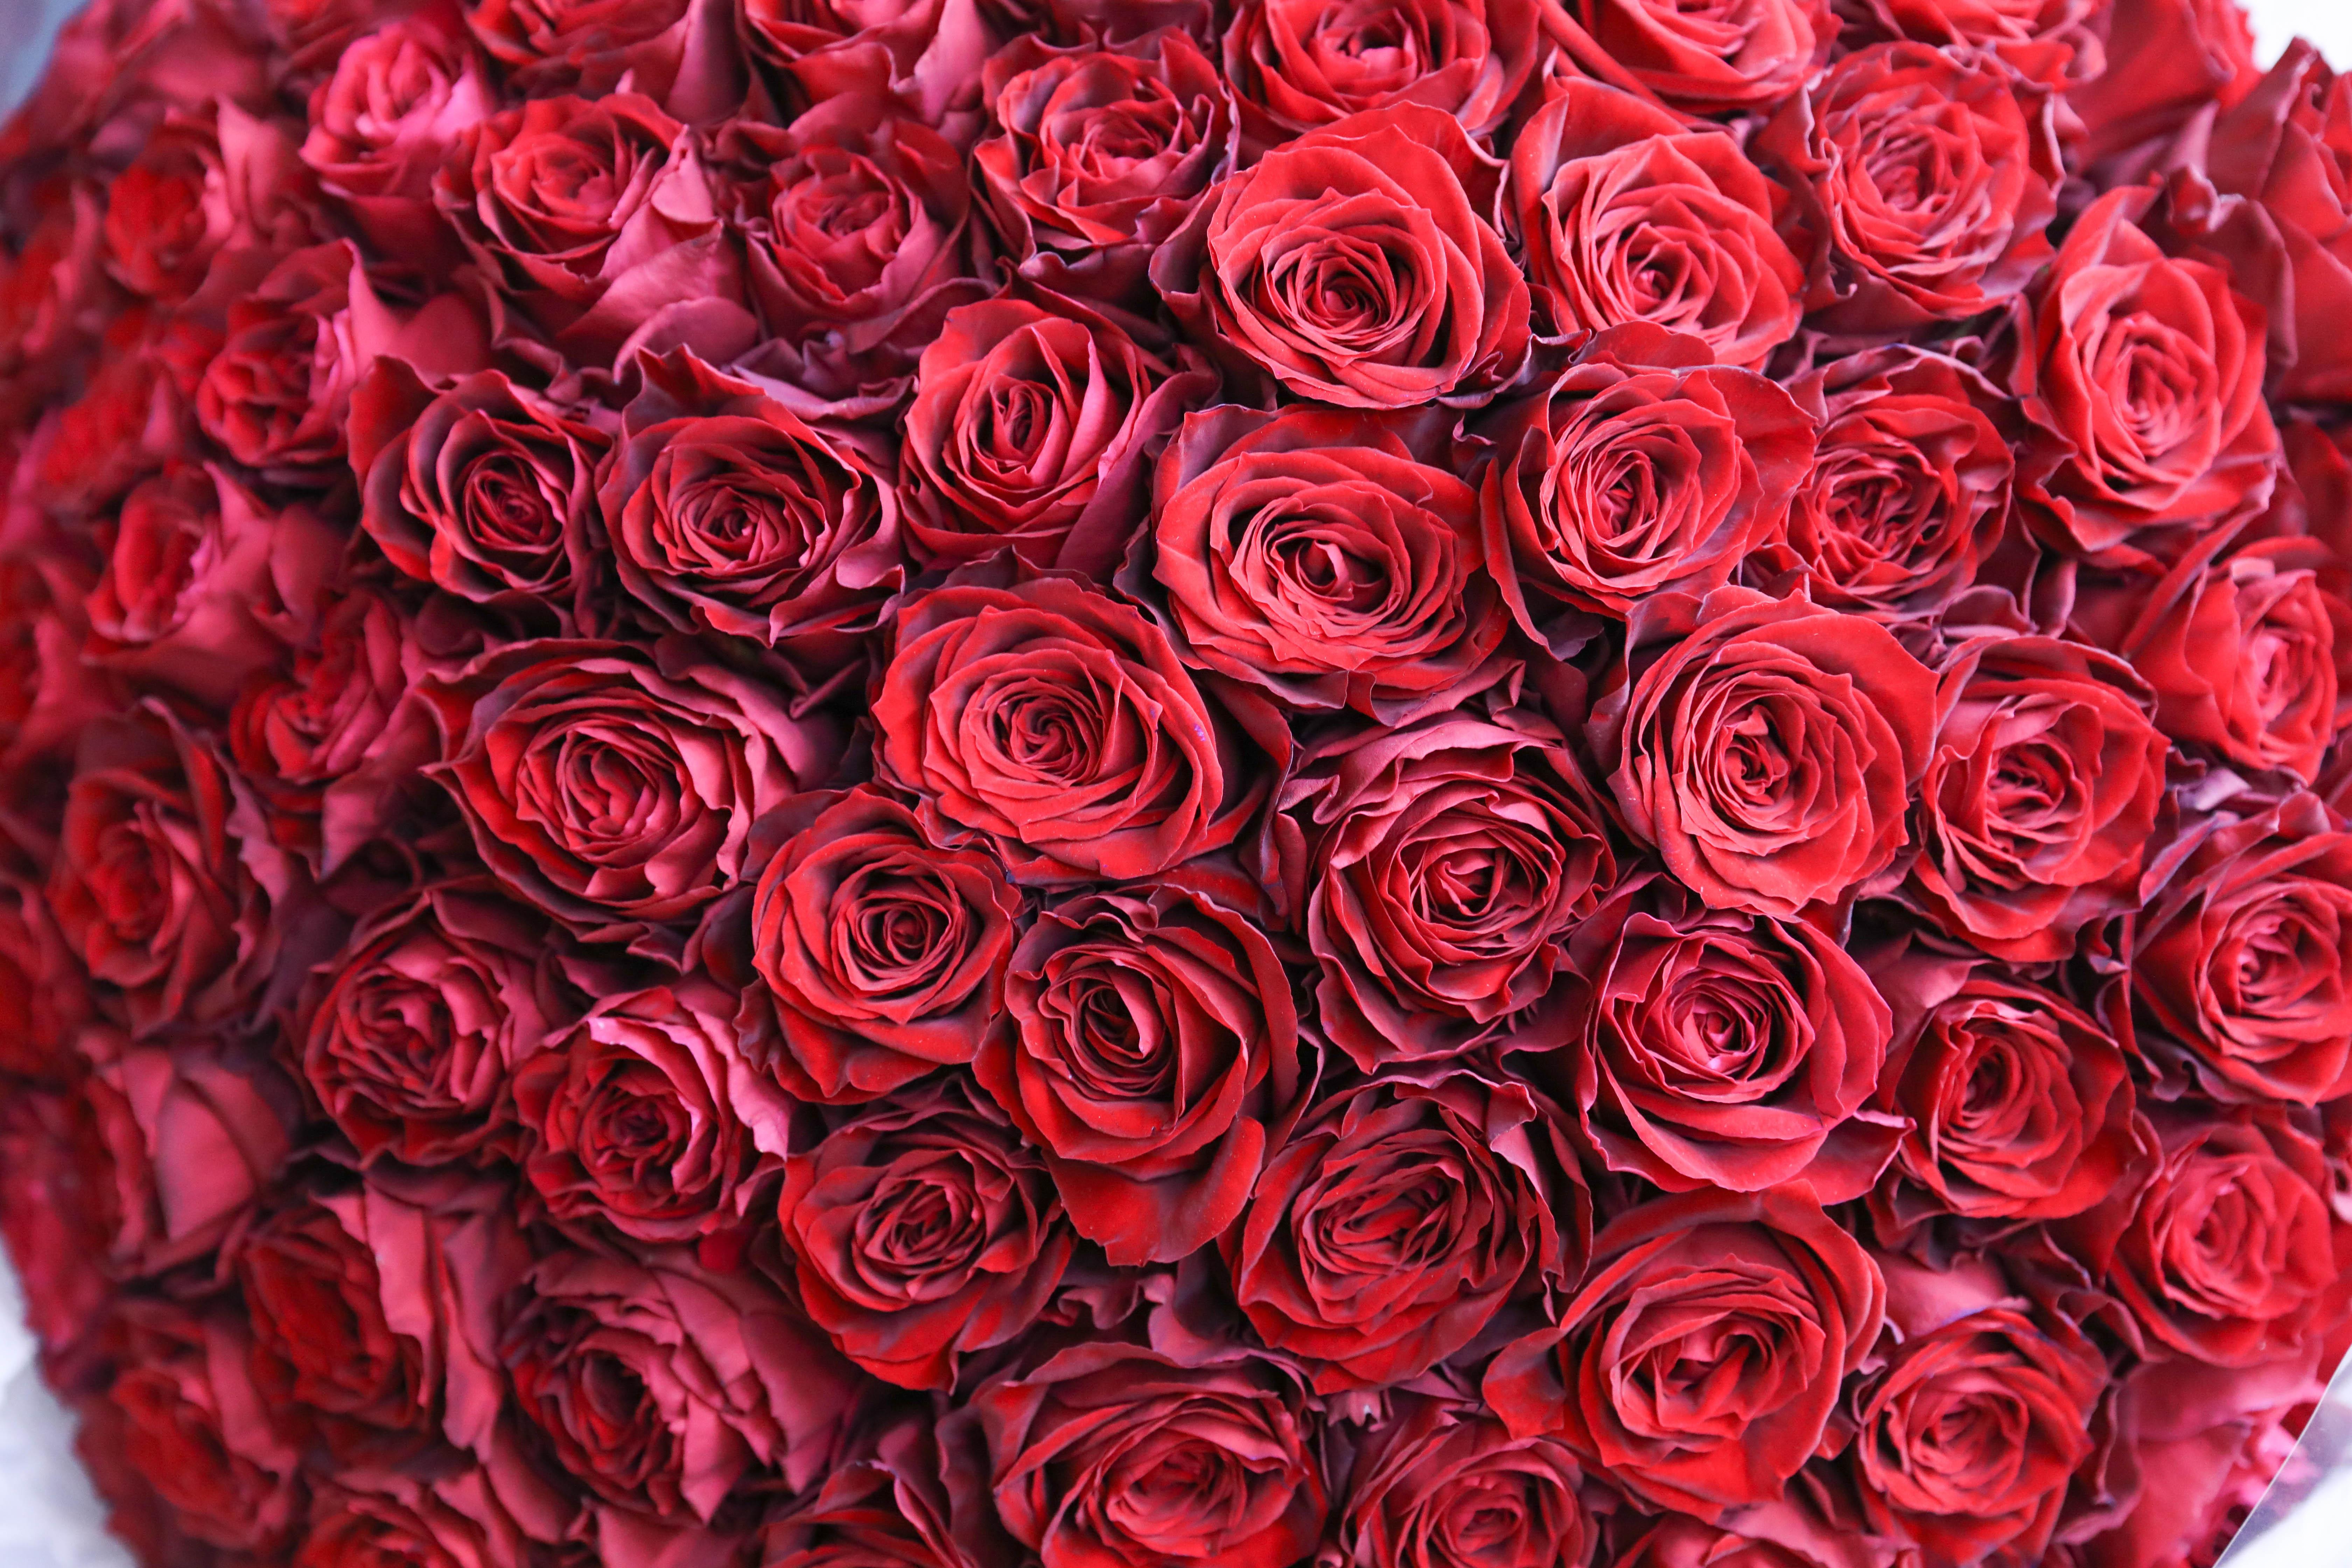 【プロポーズに】バラ100本の花束制作動画 2020/03/19撮影